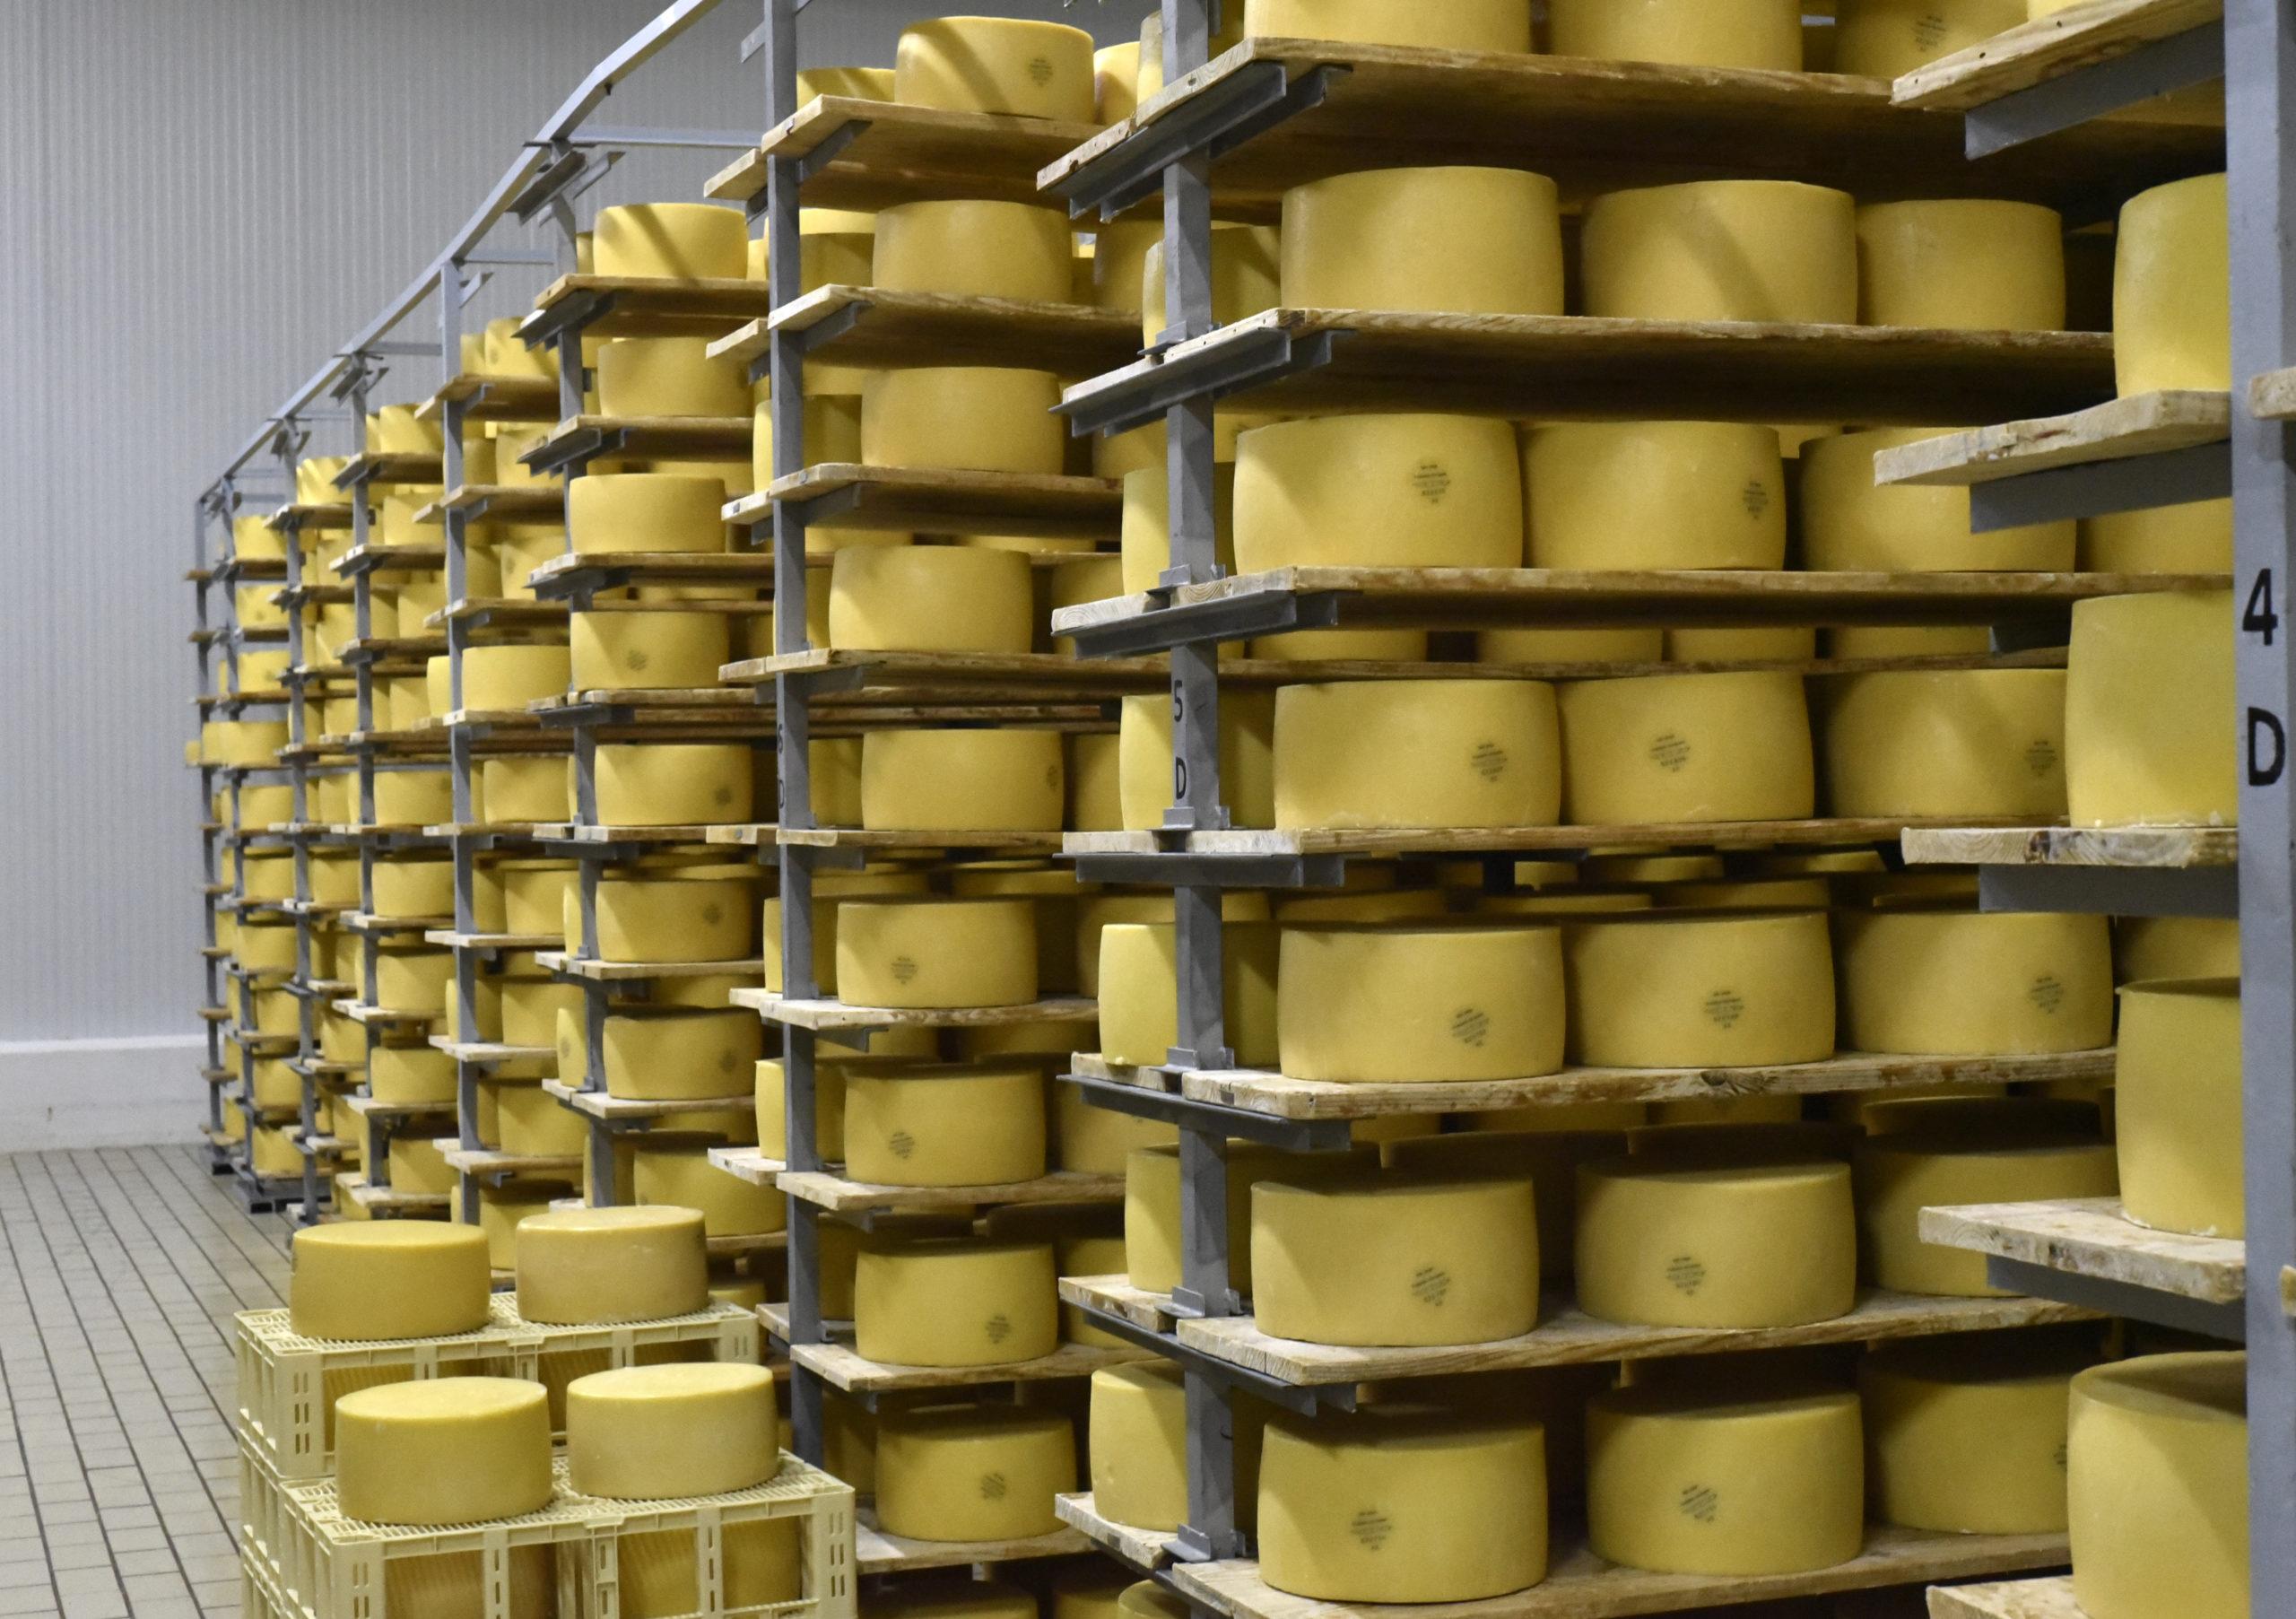 _DSC9278 uniao coop queijo sao jorge